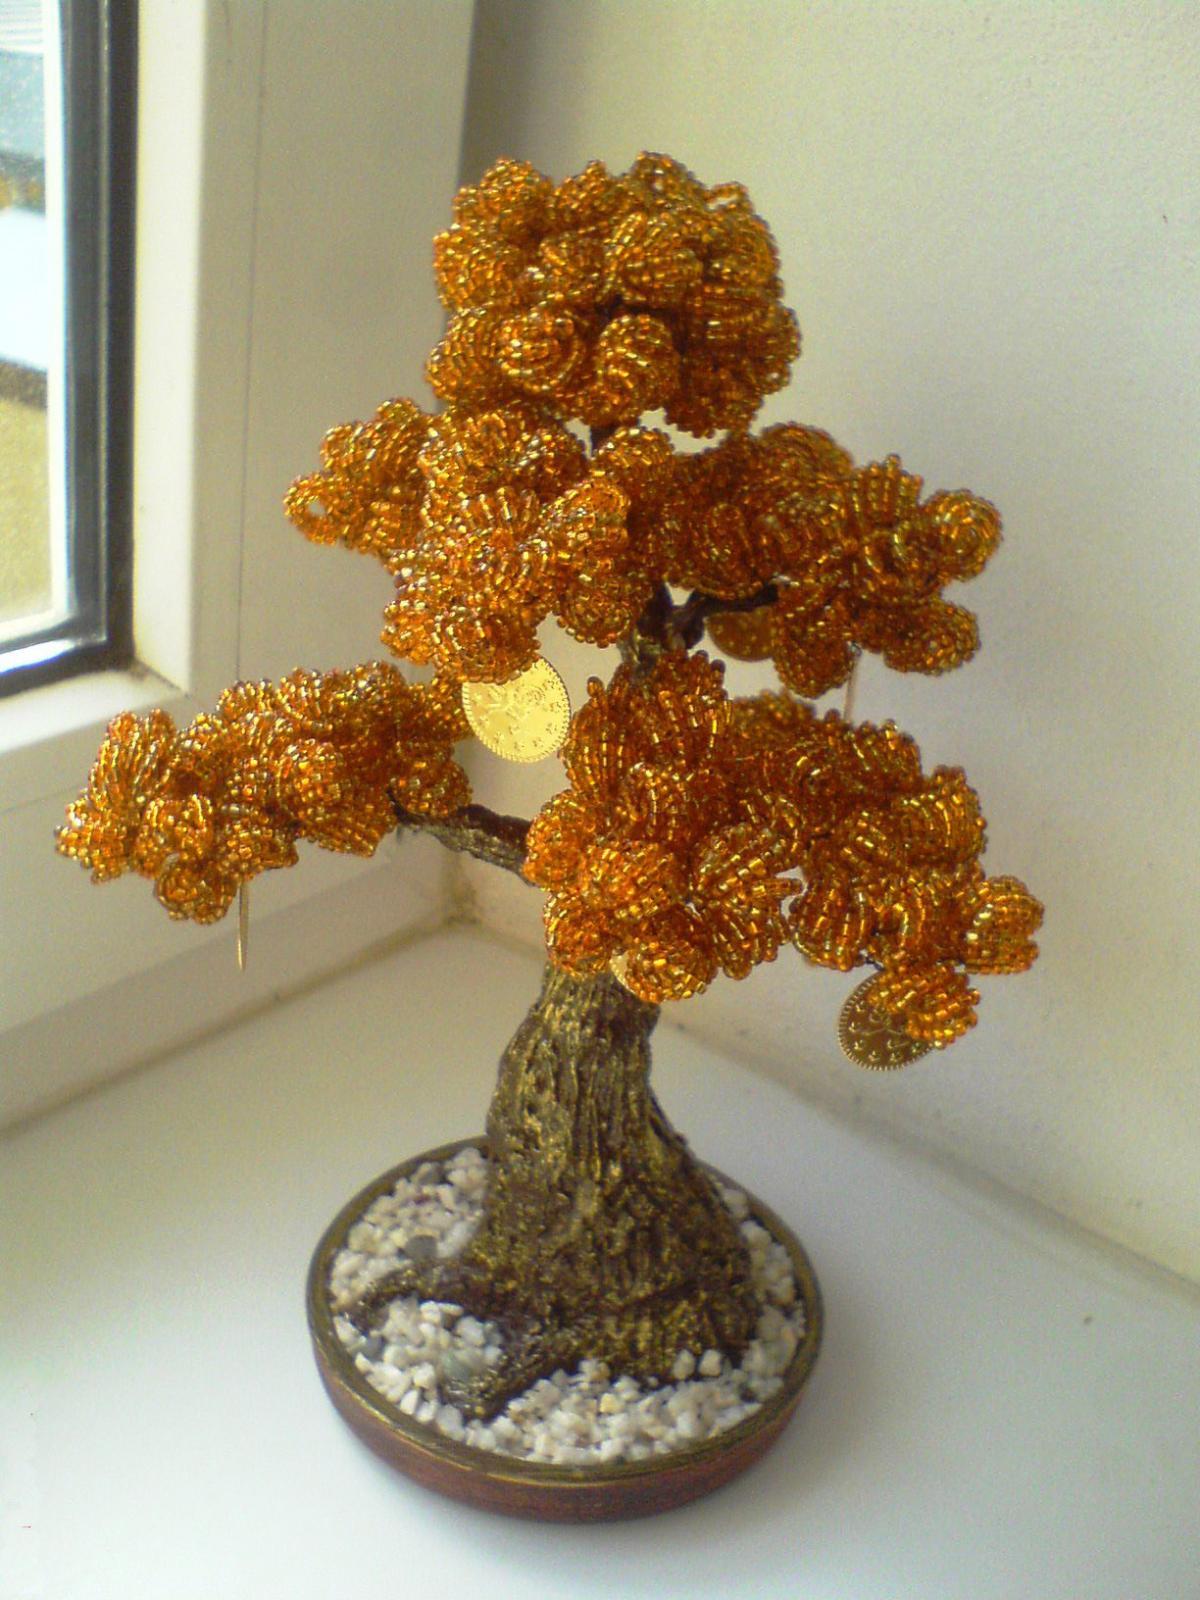 Деревья из бисера - топ-120 фото эксклюзивных деревьев из бисера. мастер-класс для начинающих с поэтапным описанием + обзоры изделий